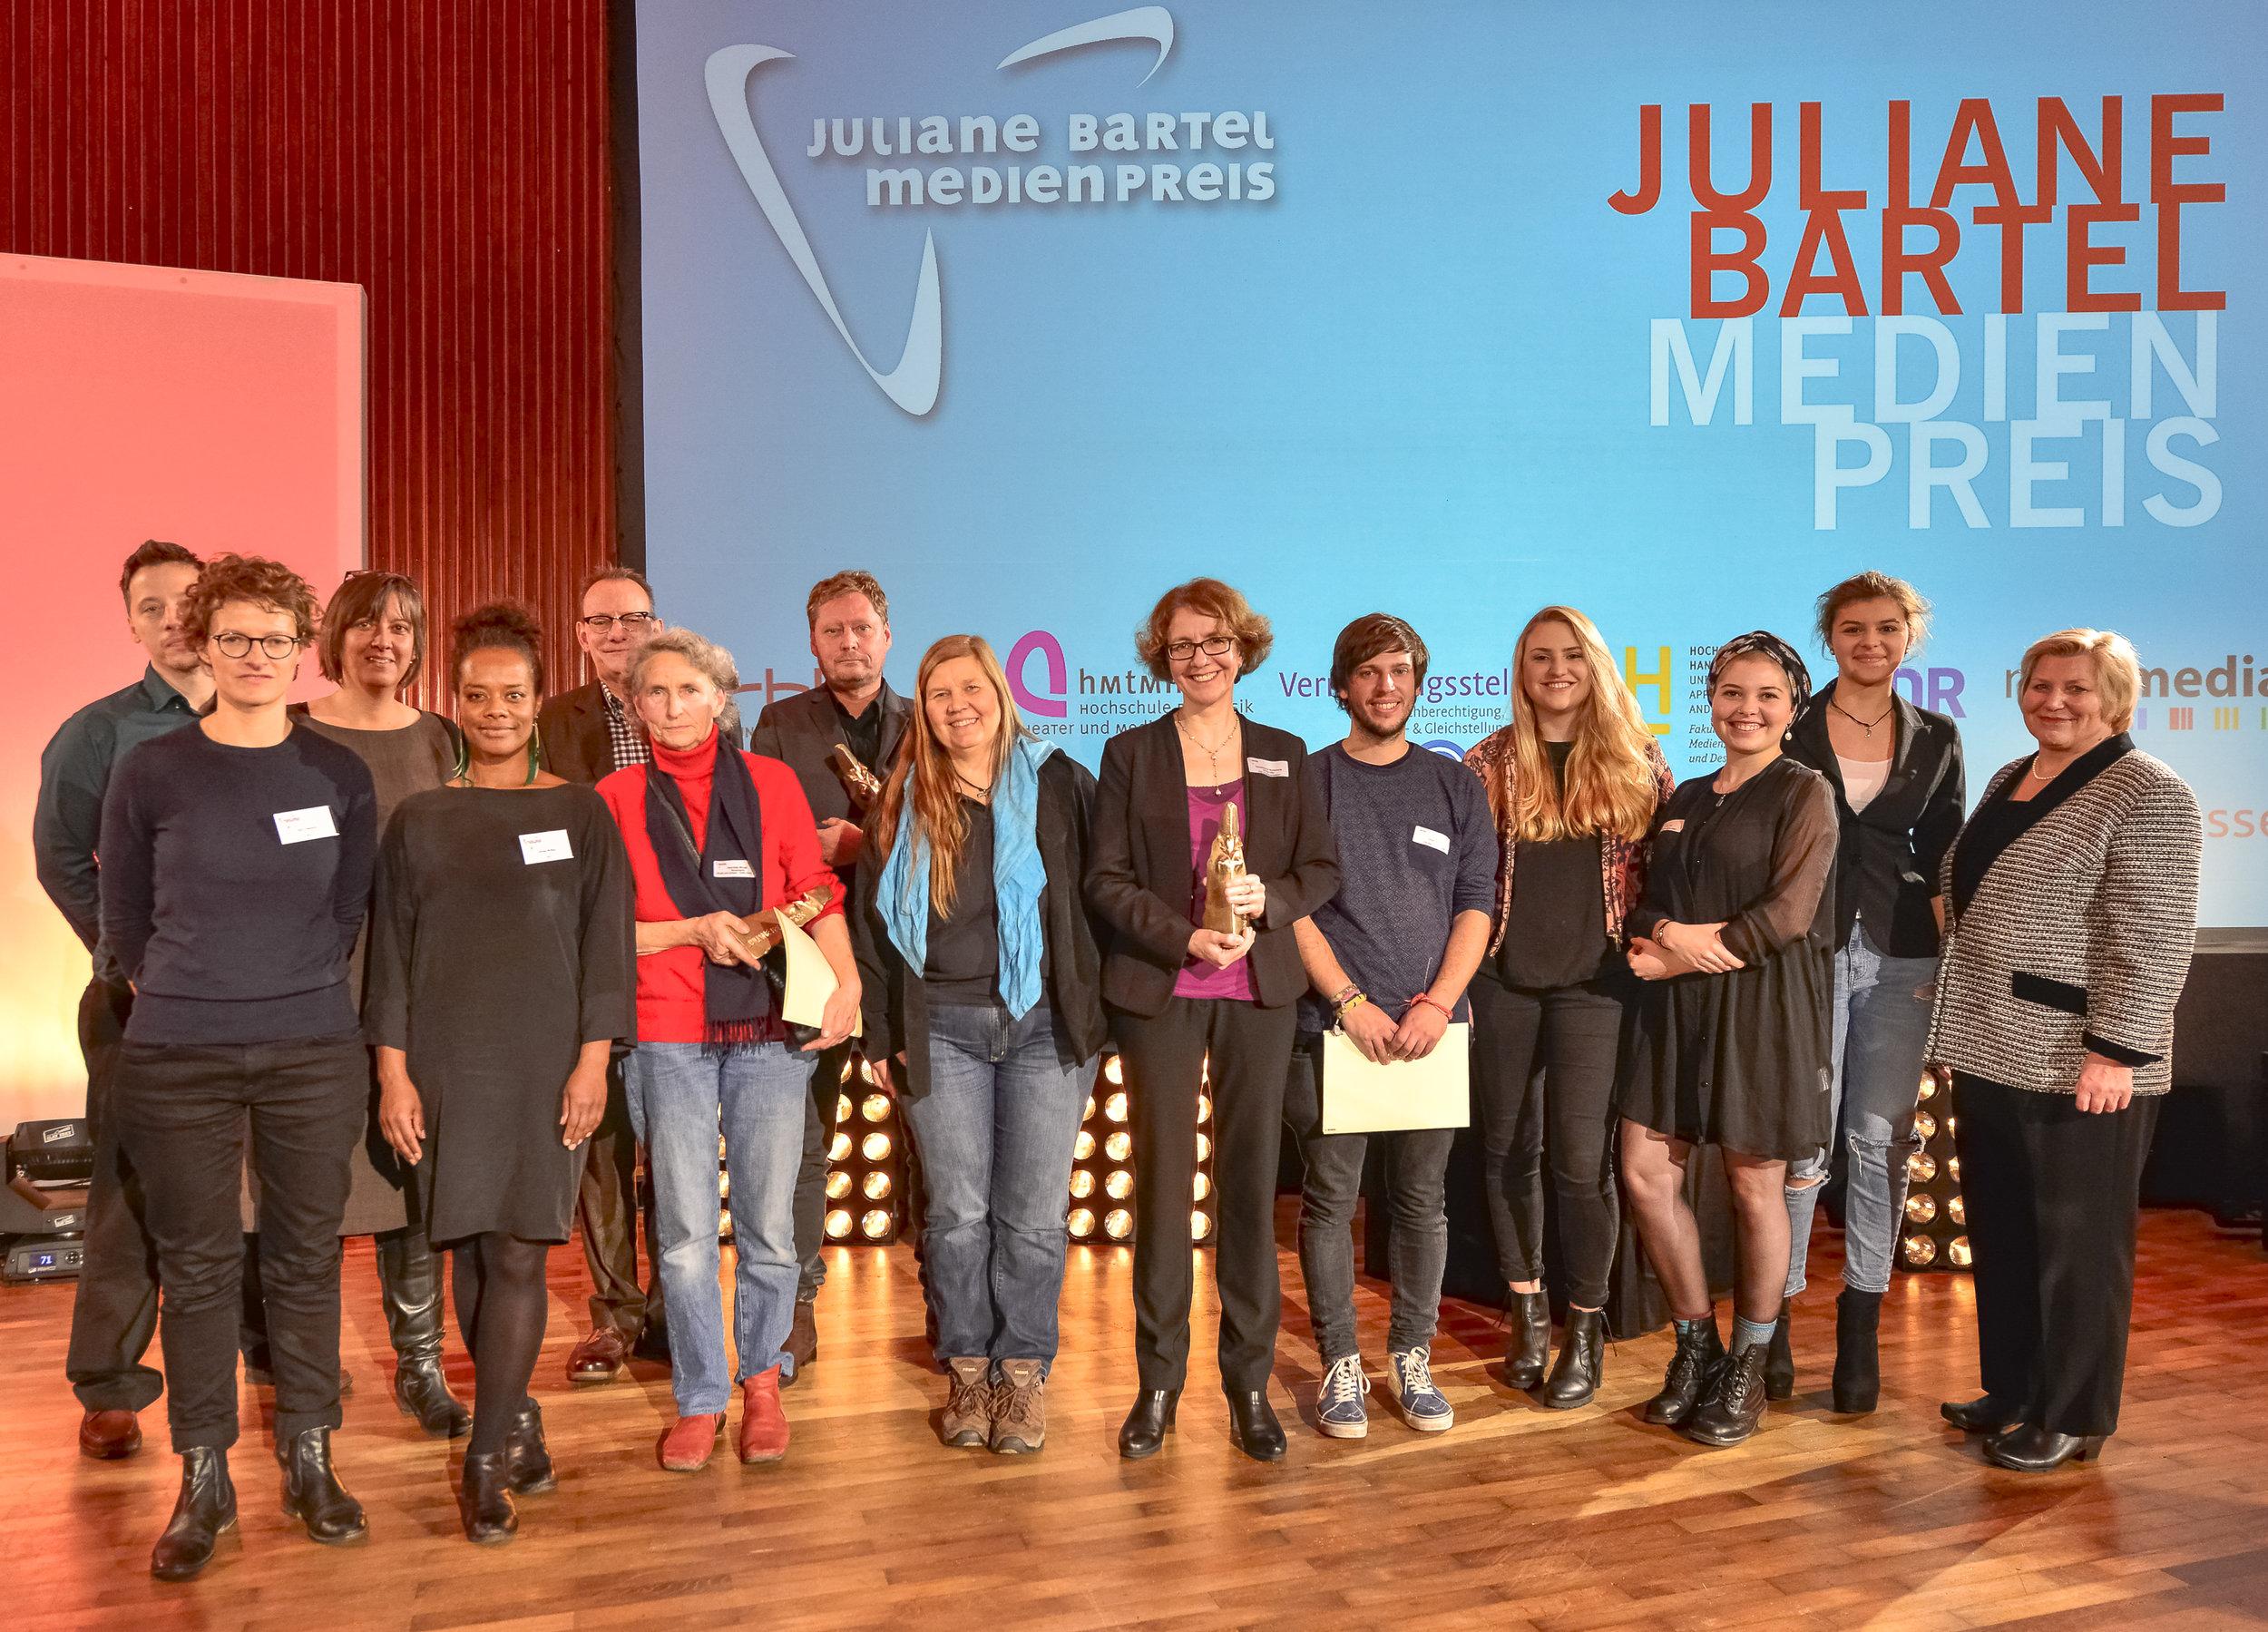 Hanfgarn & Ufer Filmproduktion . Photo: Tom Figiel